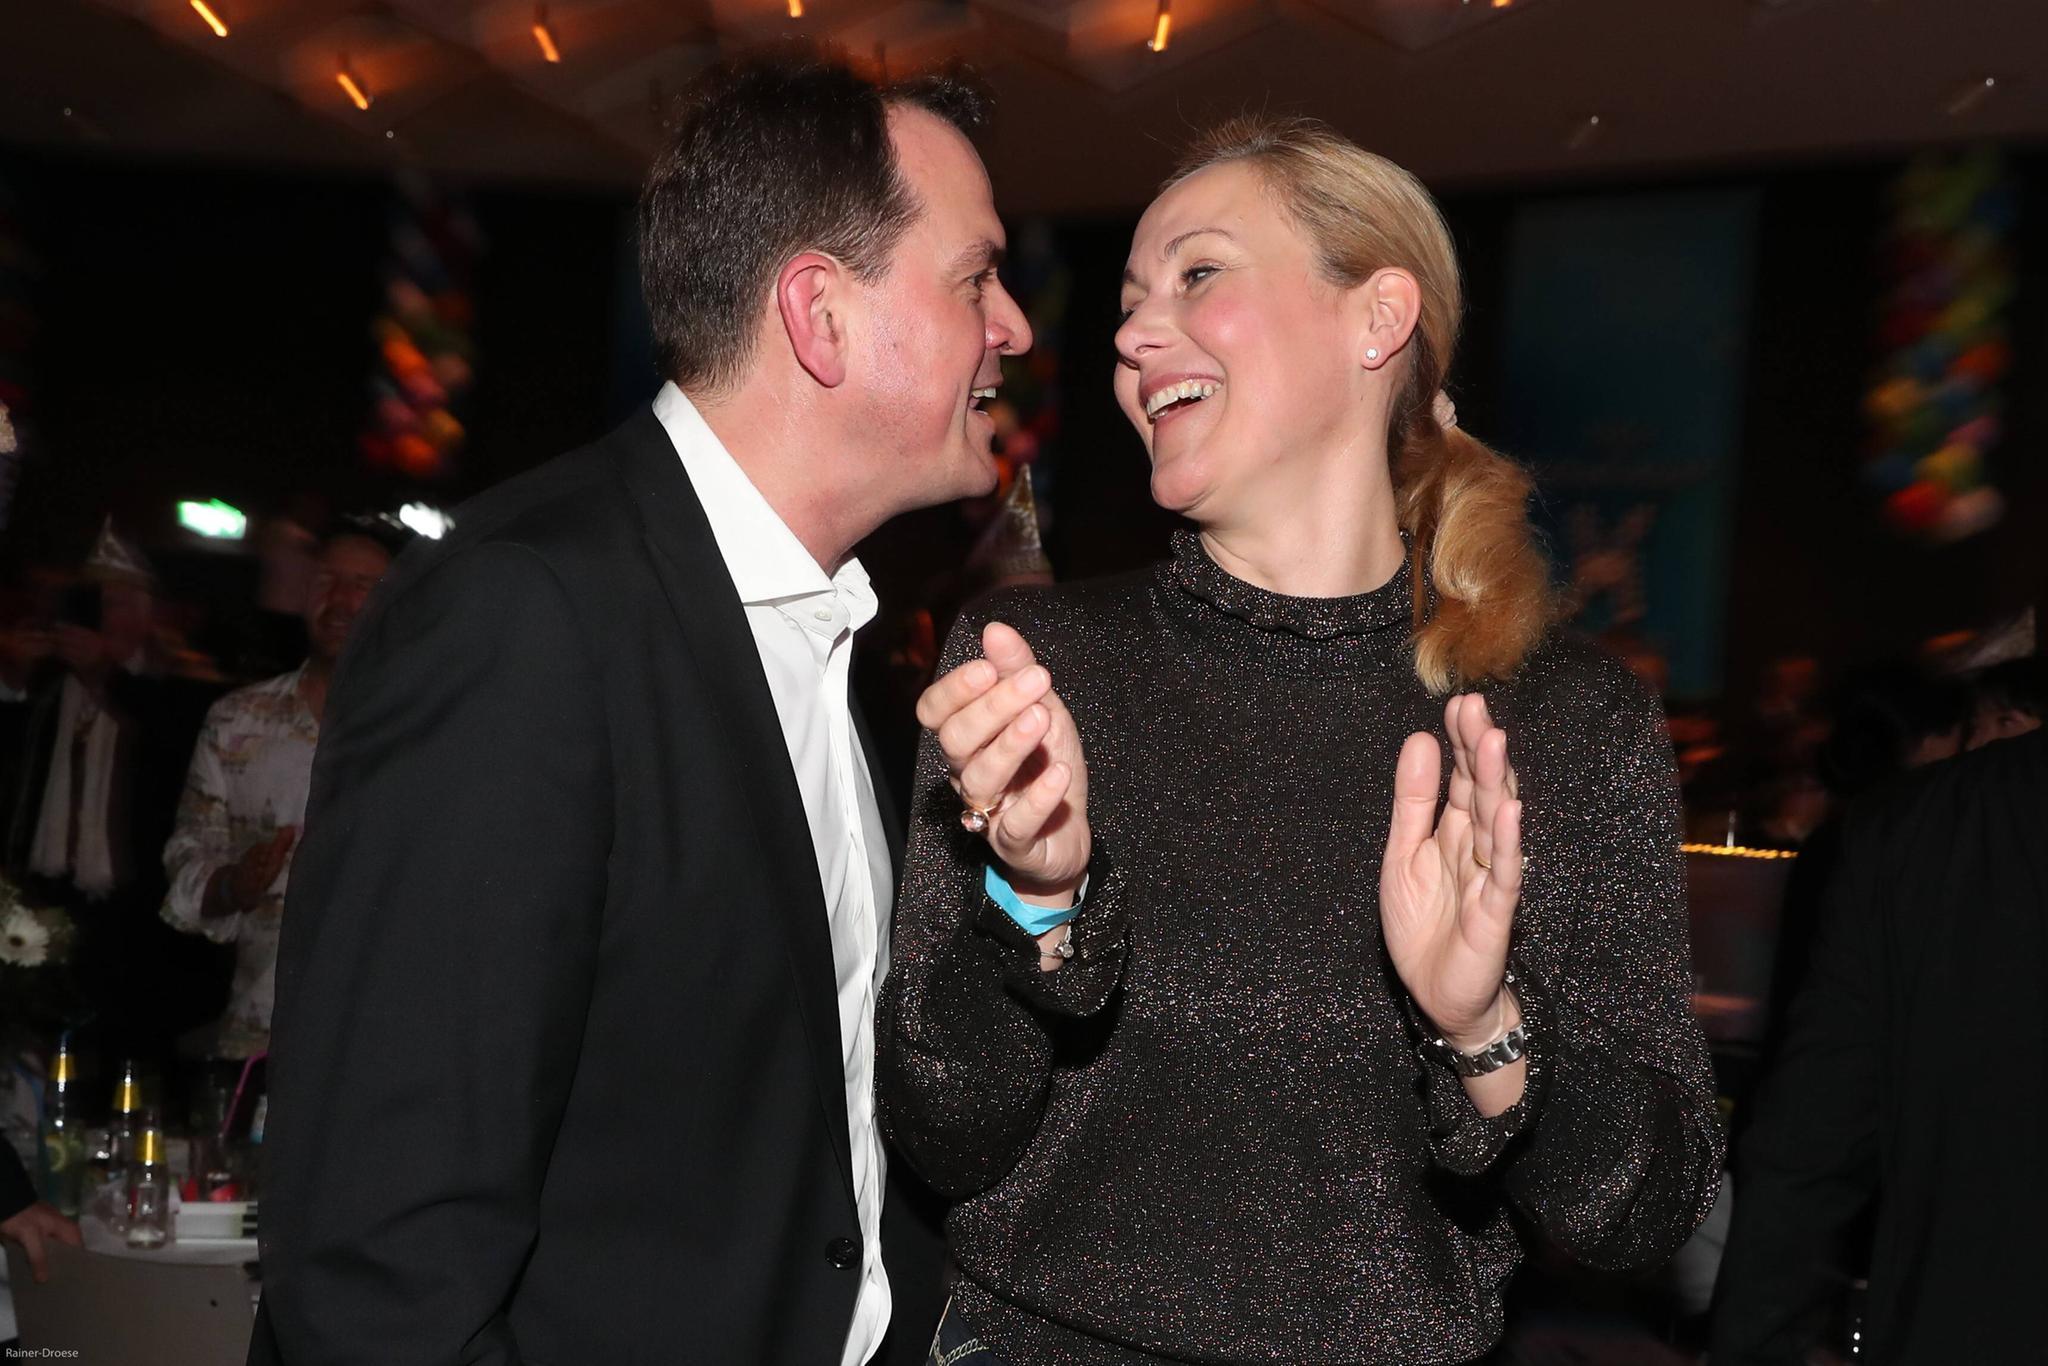 Bettina Wulff zeigt sich mit ihrem neuen Freund Jan-Henrik Behnken | STERN .de